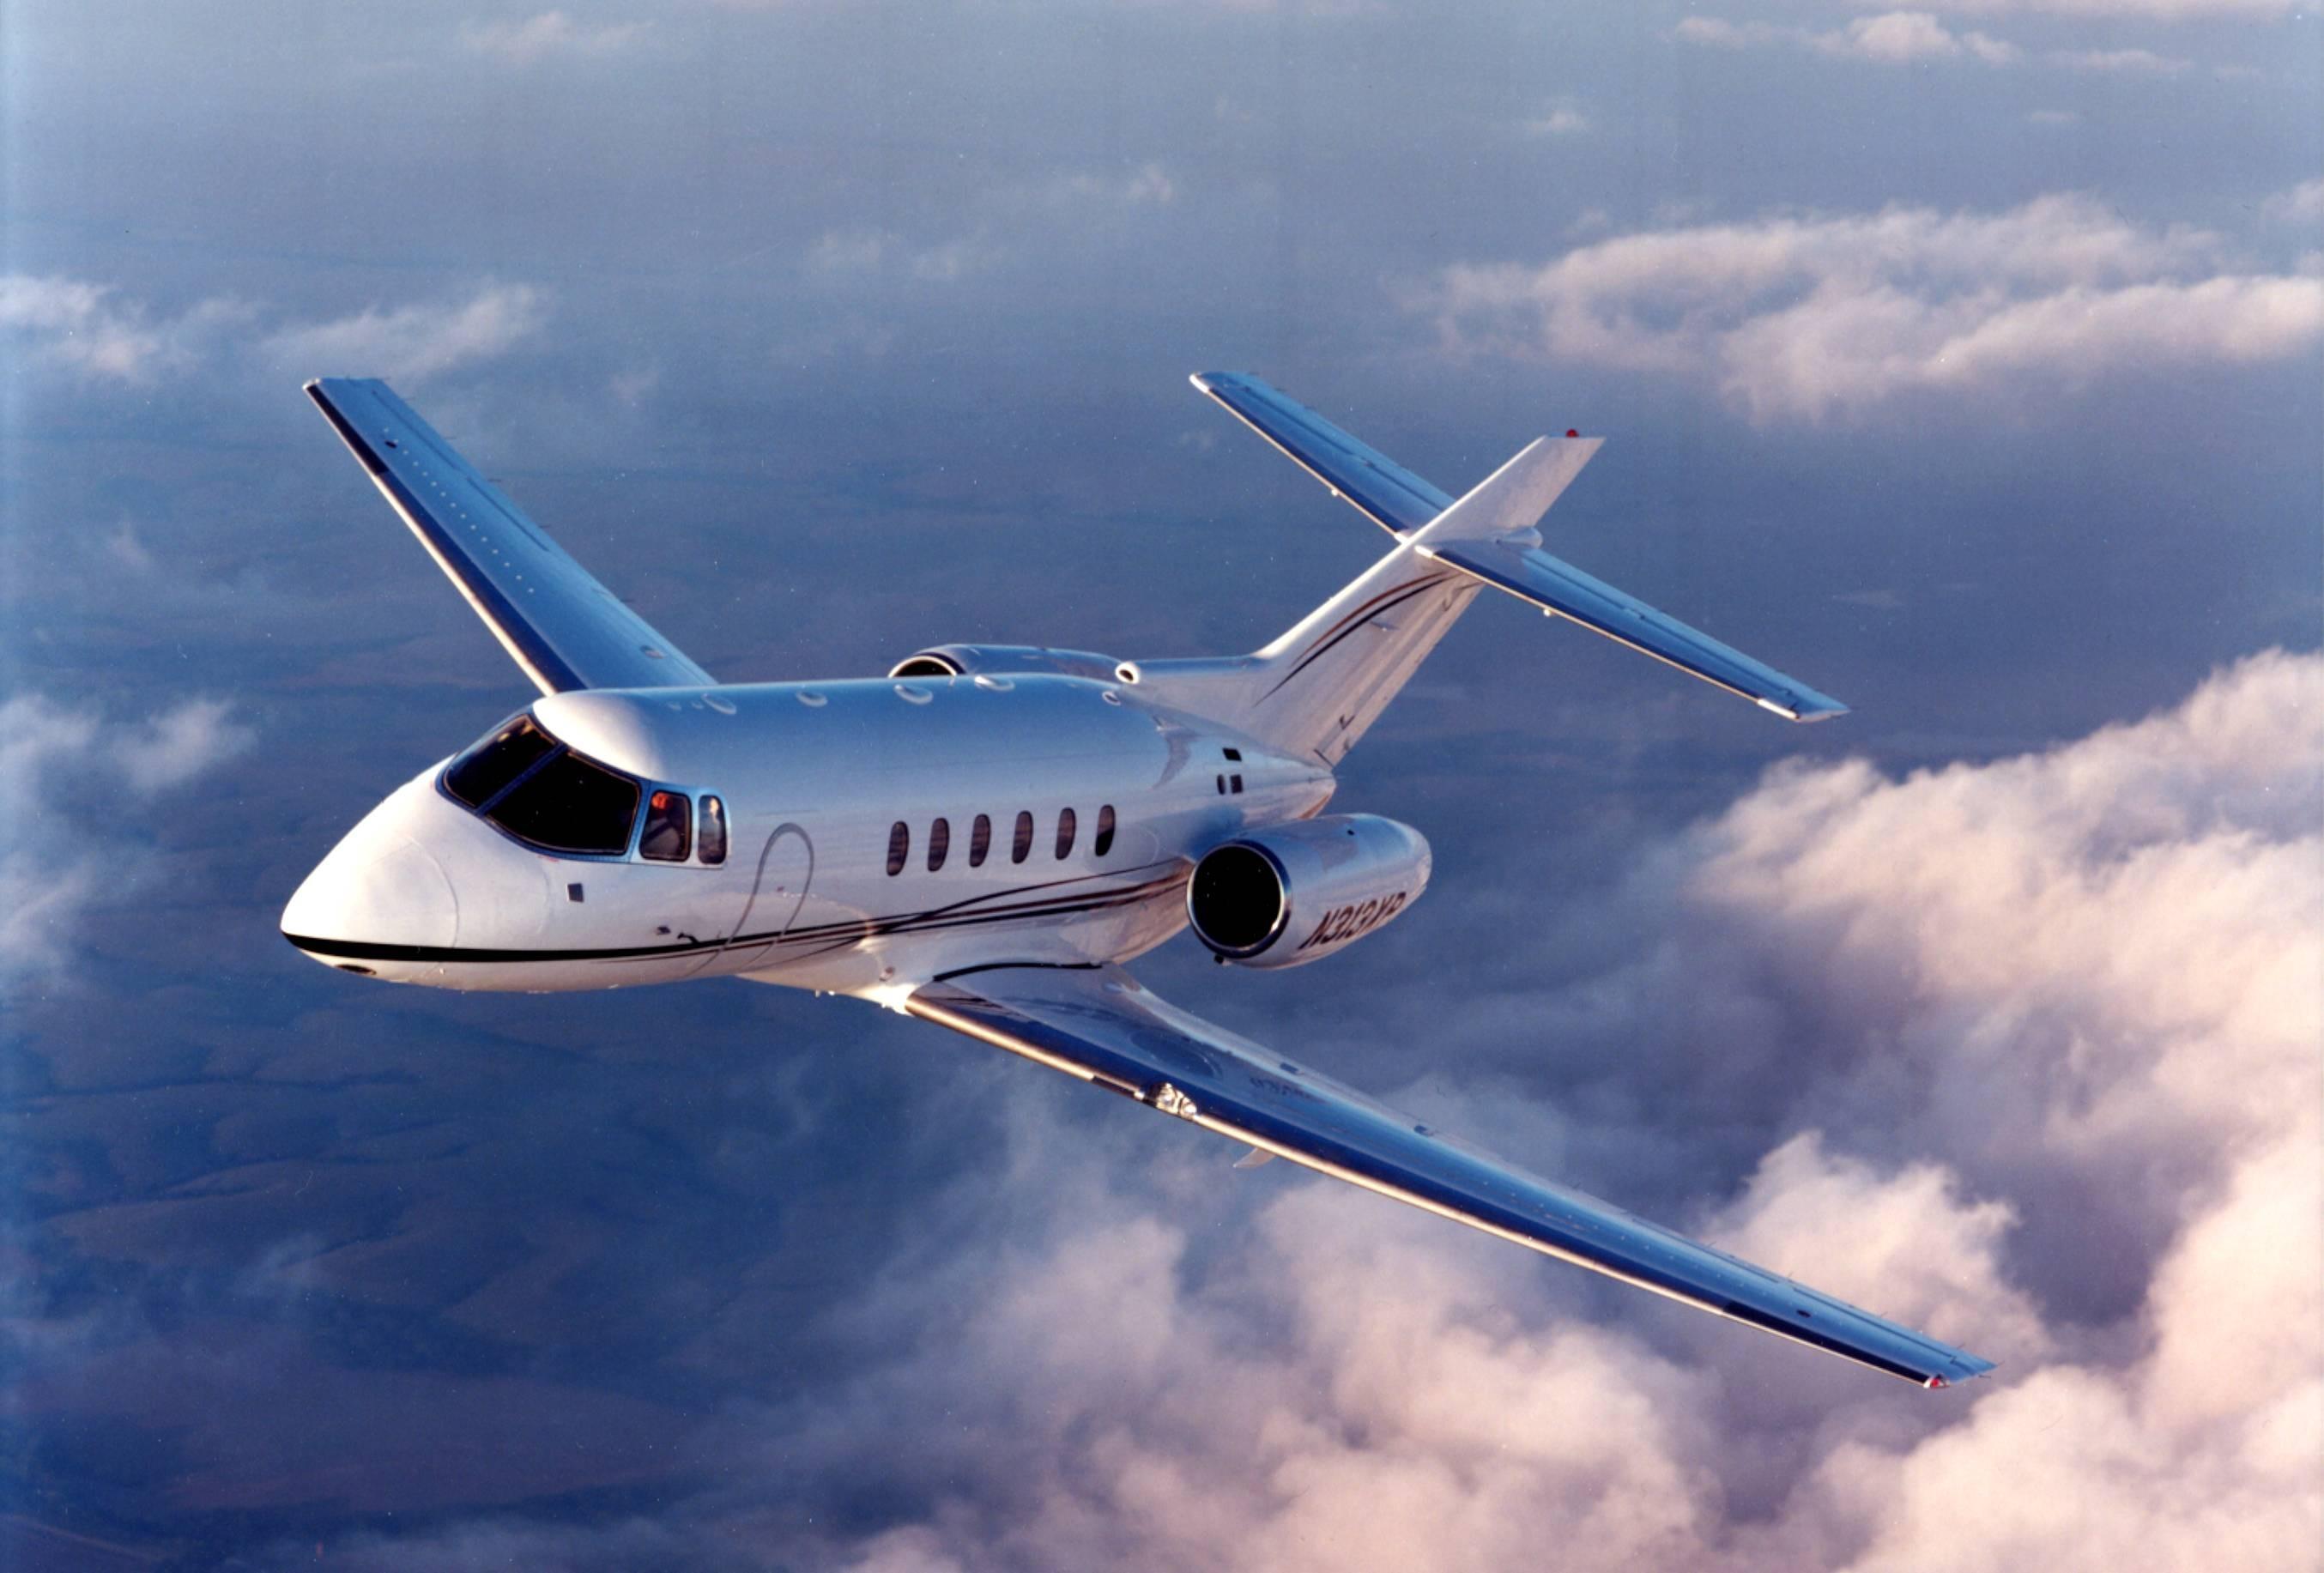 Стала известна причина экстренной посадки самолета компании «Руслайн» вВоронеже— рискованная трещина